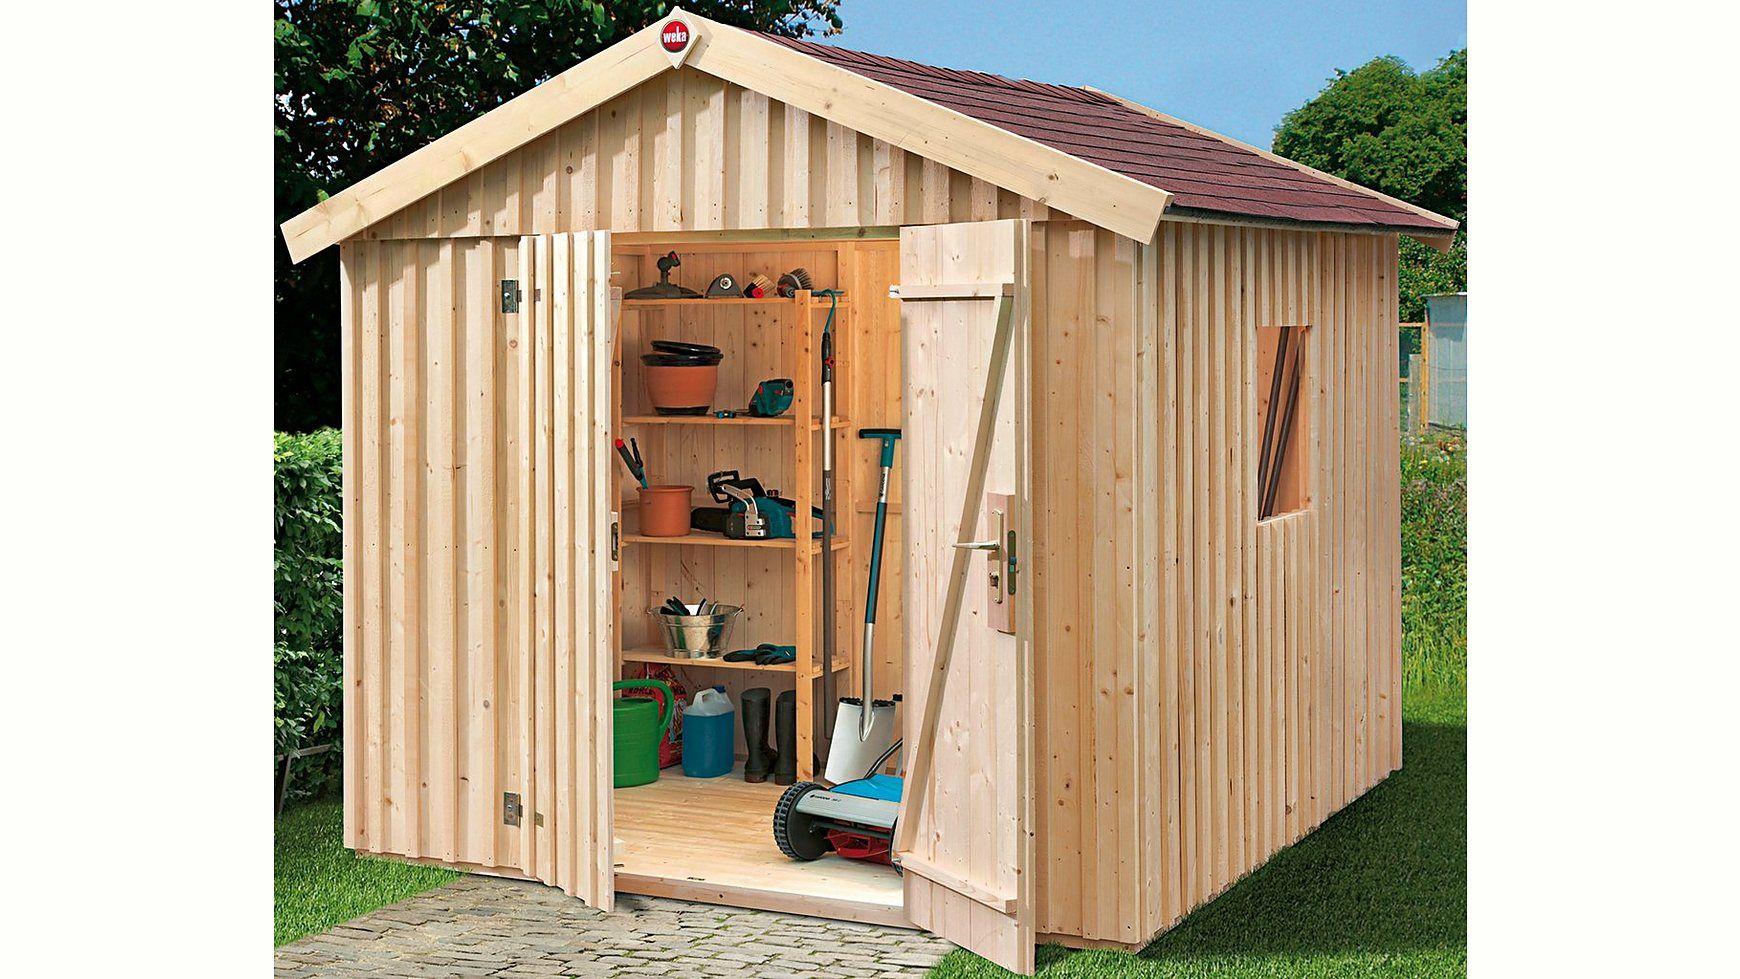 Produktdetailskonstruktion Elementbauweise Materialmaterial Holz Holzart Fichte Ausstattunganza Ottobaumarkt Weka Gartenhaus Gartenhaus Gartenhaus Holz